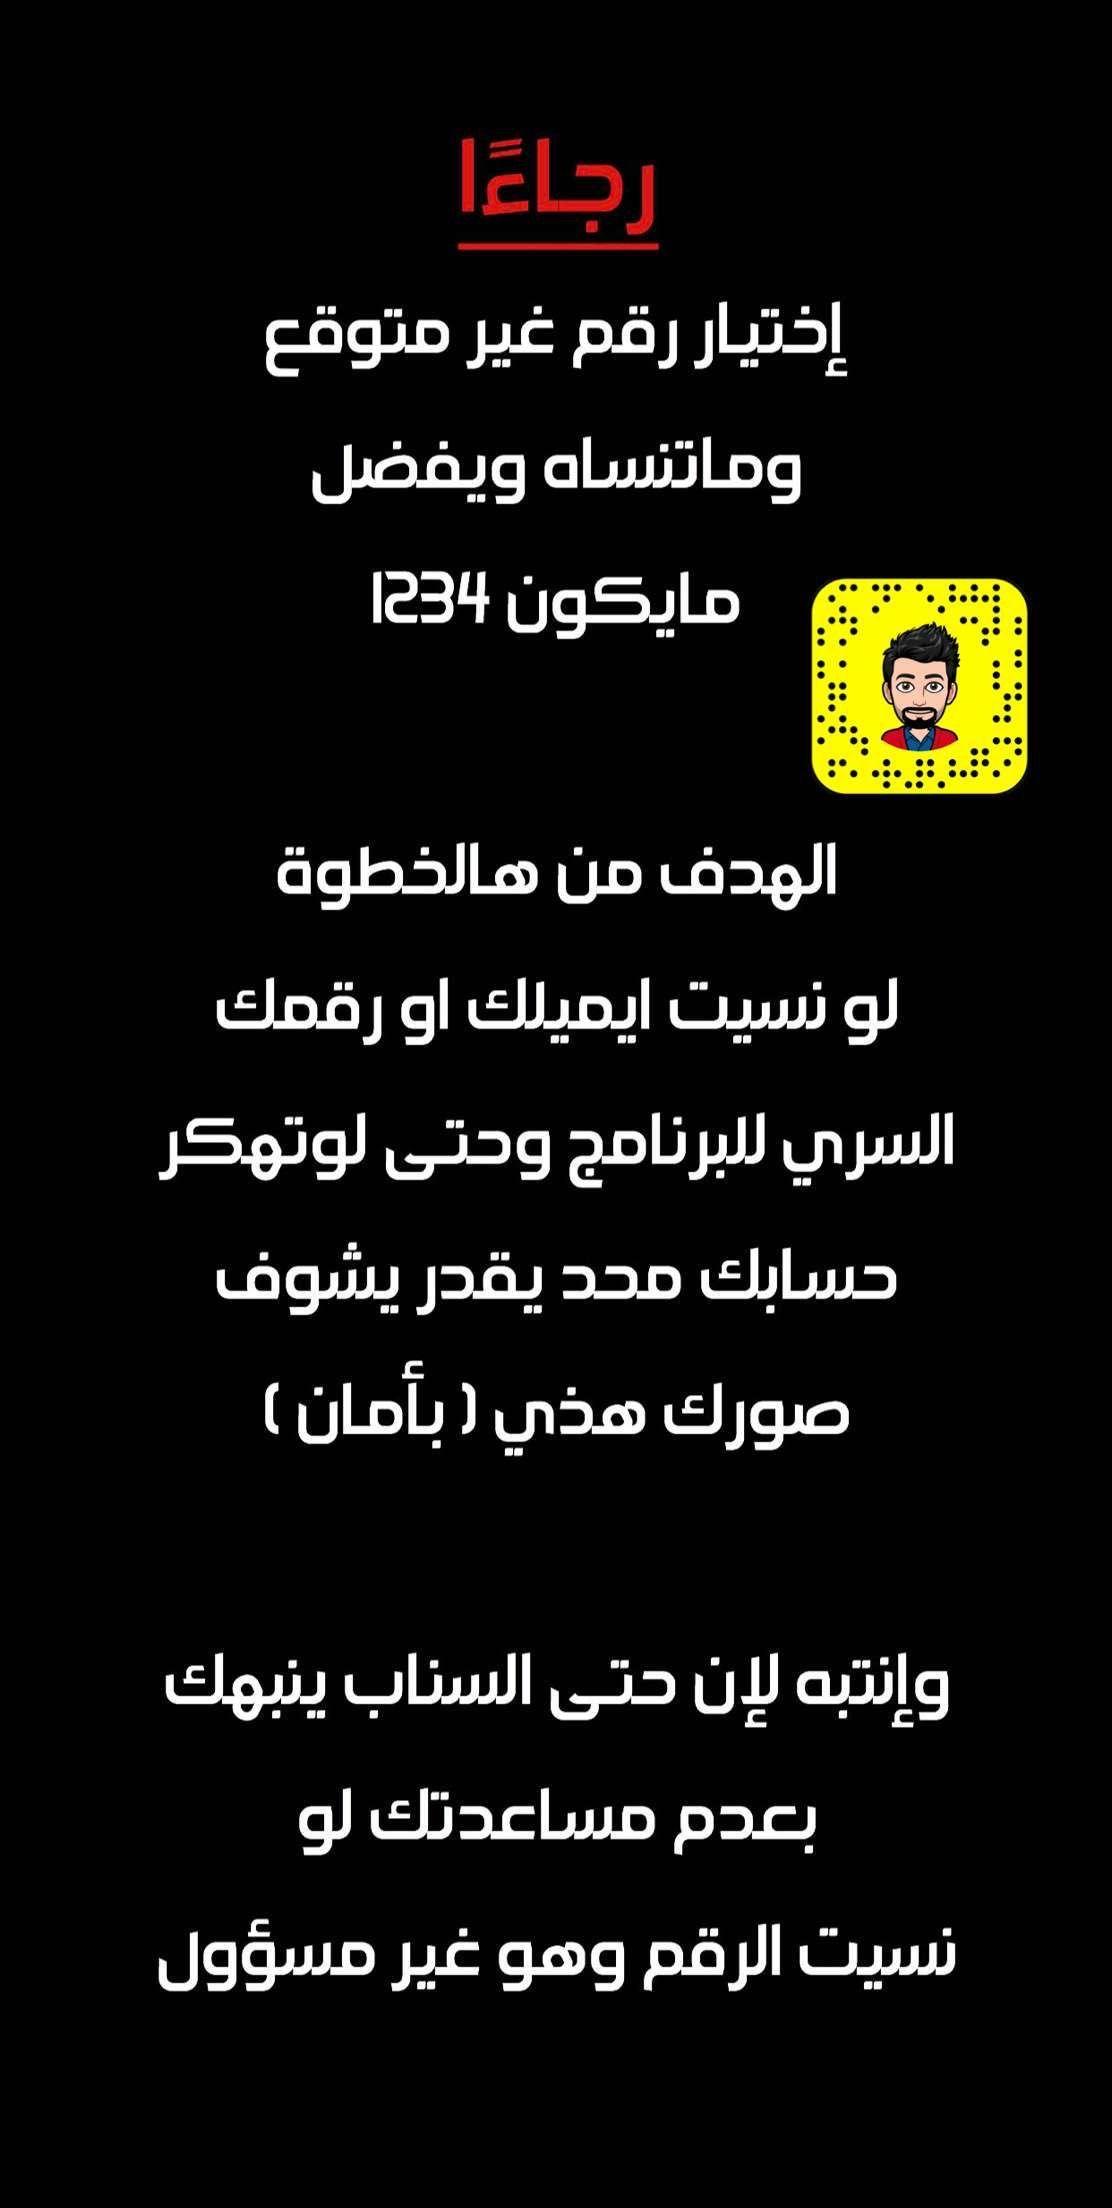 السعوديه رمضان سناب كويت فايروس كورونا تصميم شعار لوقو دعاء النجاح مساء الخير